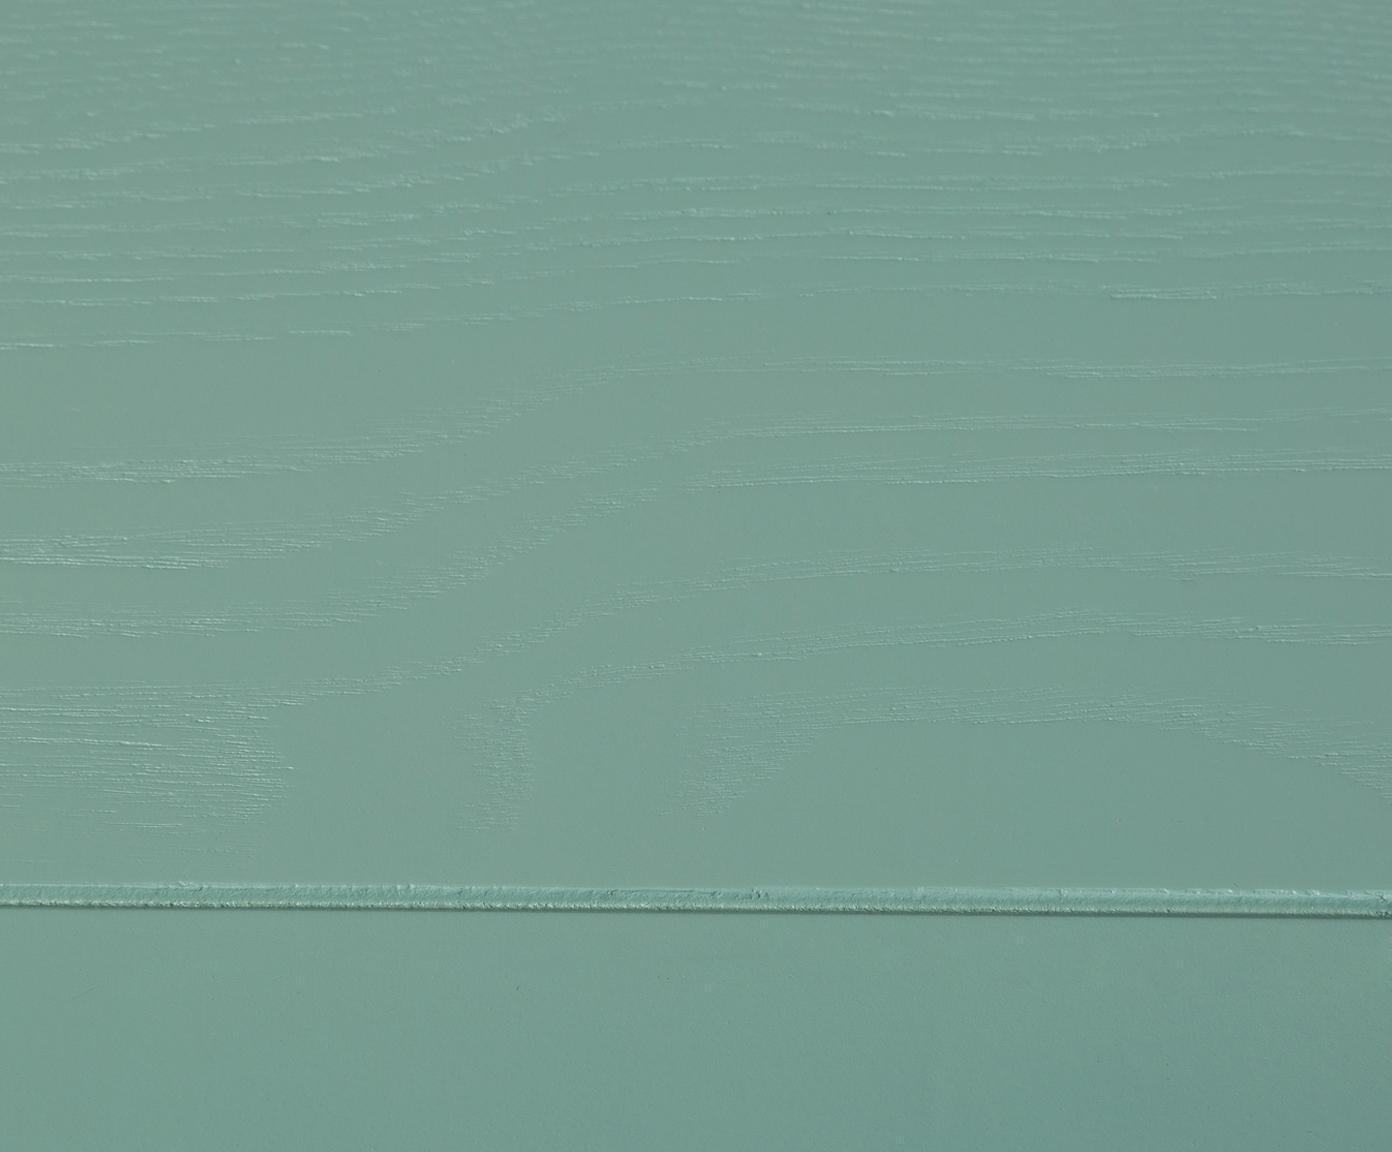 Komoda rustykalna Amy, Korpus: drewno wiązowe, drewno so, Zielony miętowy, S 116 x W 86 cm